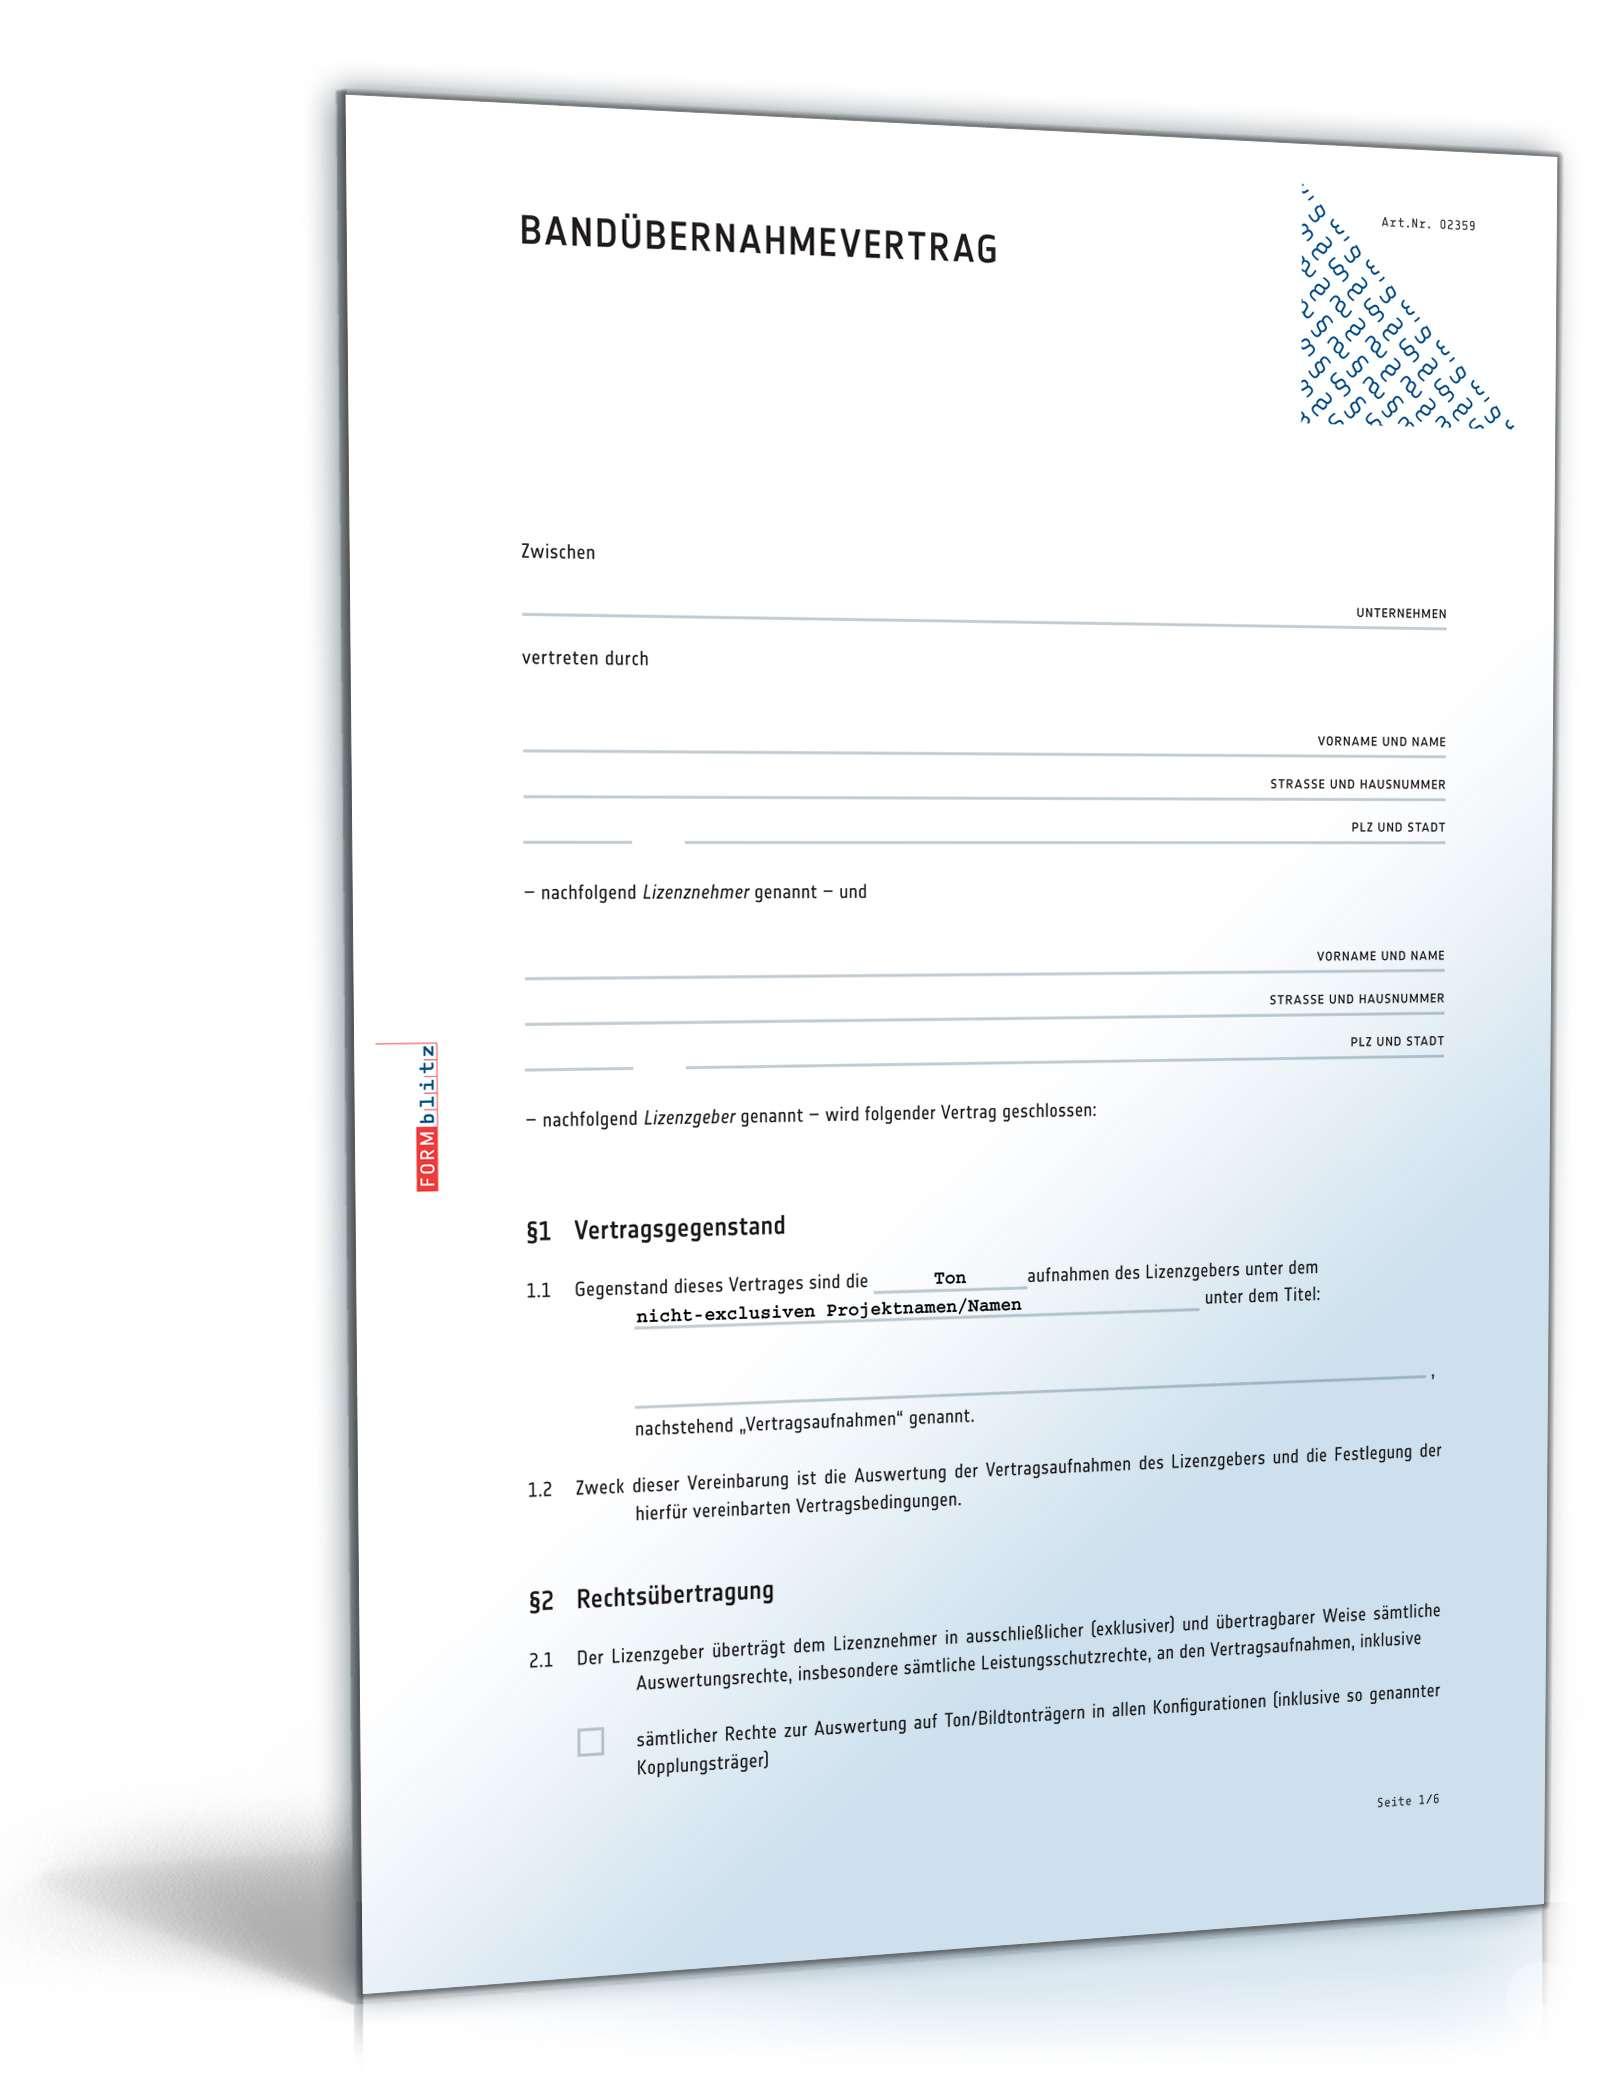 bandbernahmevertrag mit labelcopy muster zum download - Sponsoringvertrag Muster